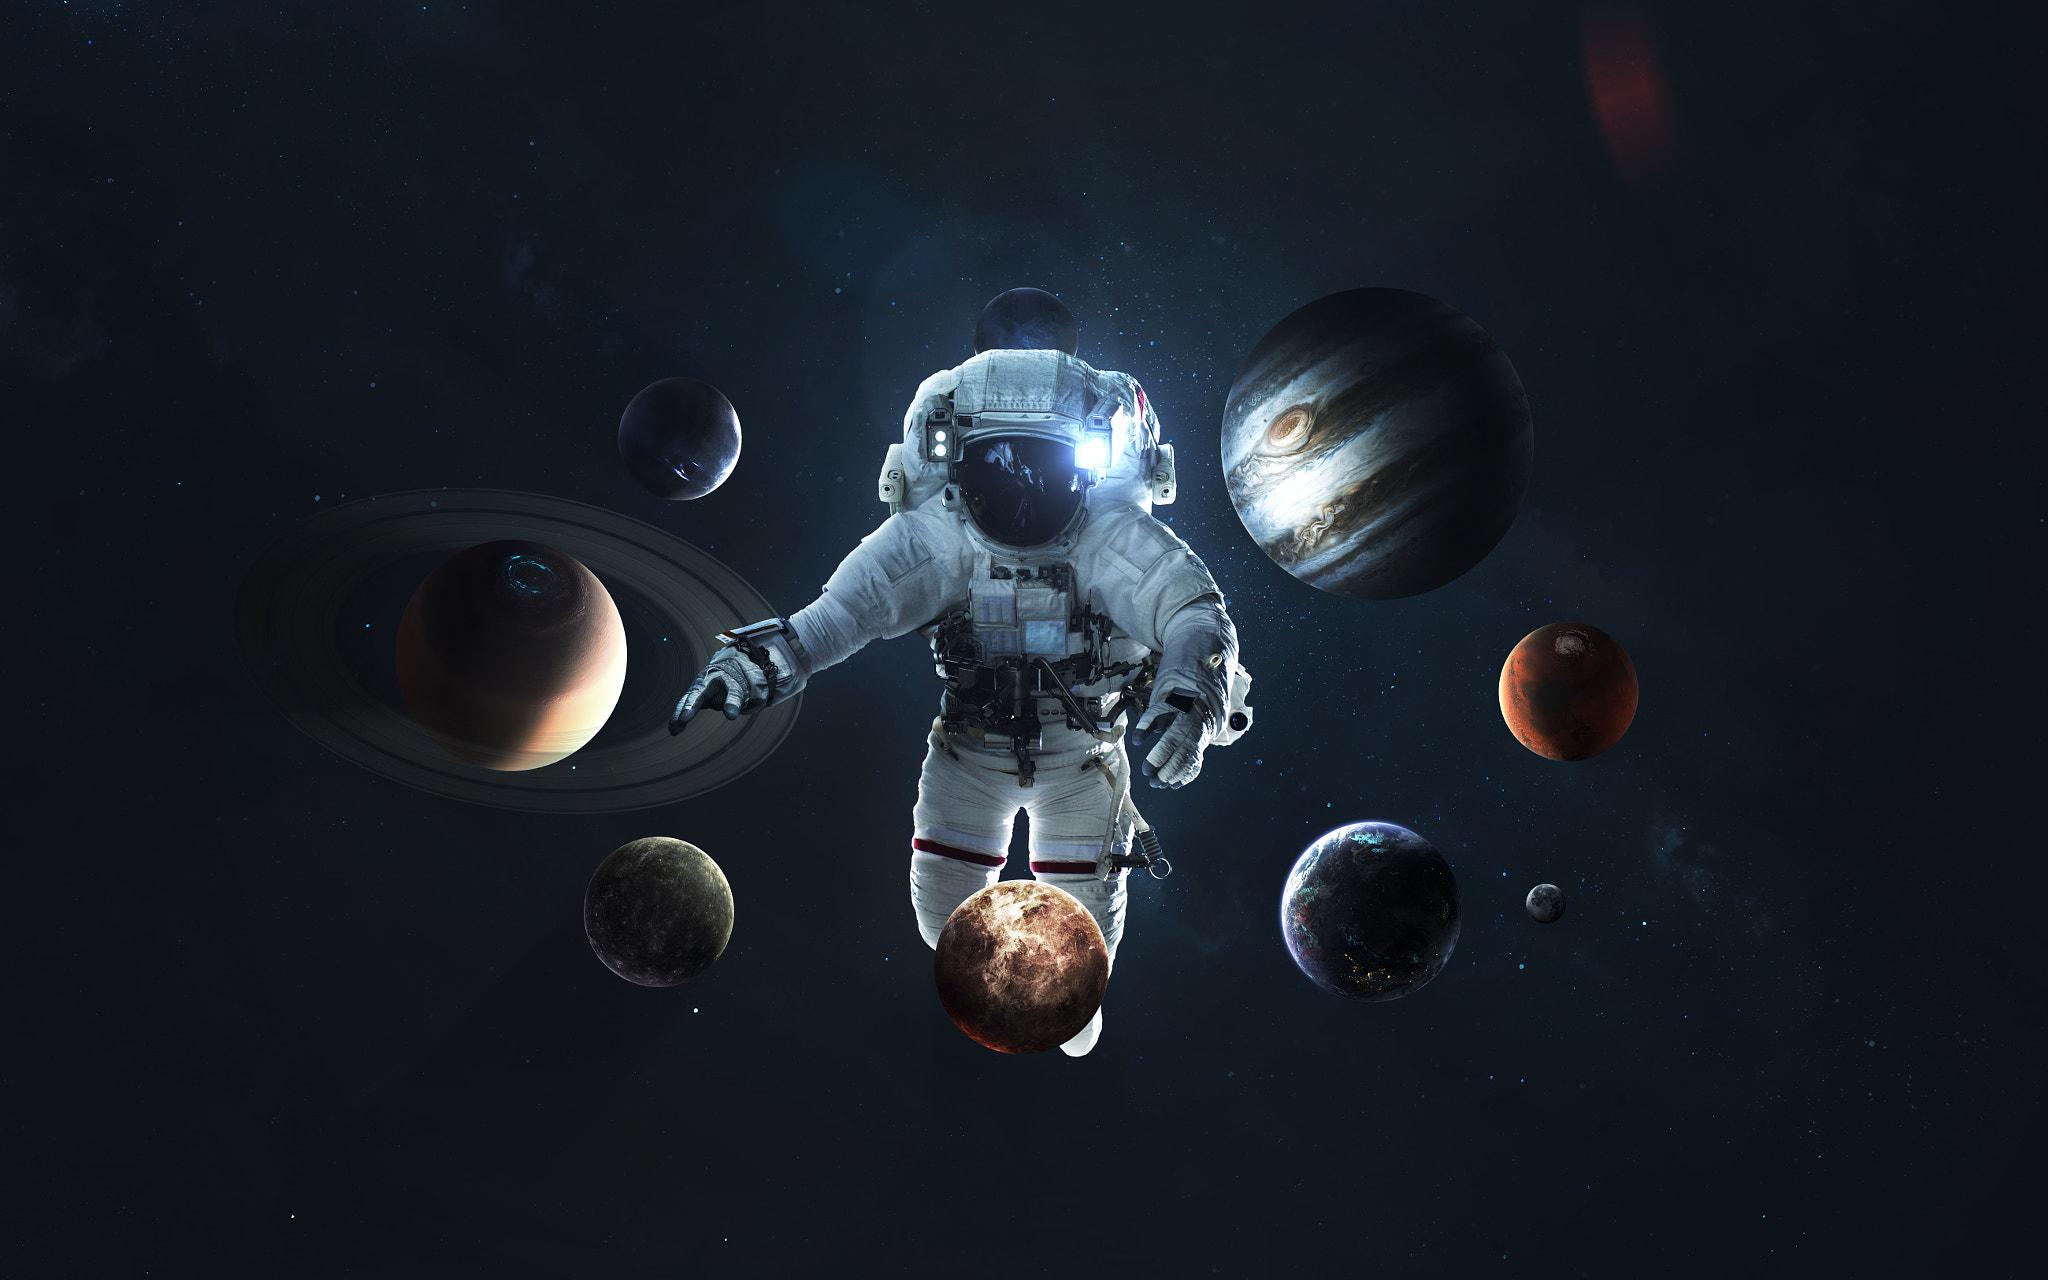 картинки космос и космонавт пожелания